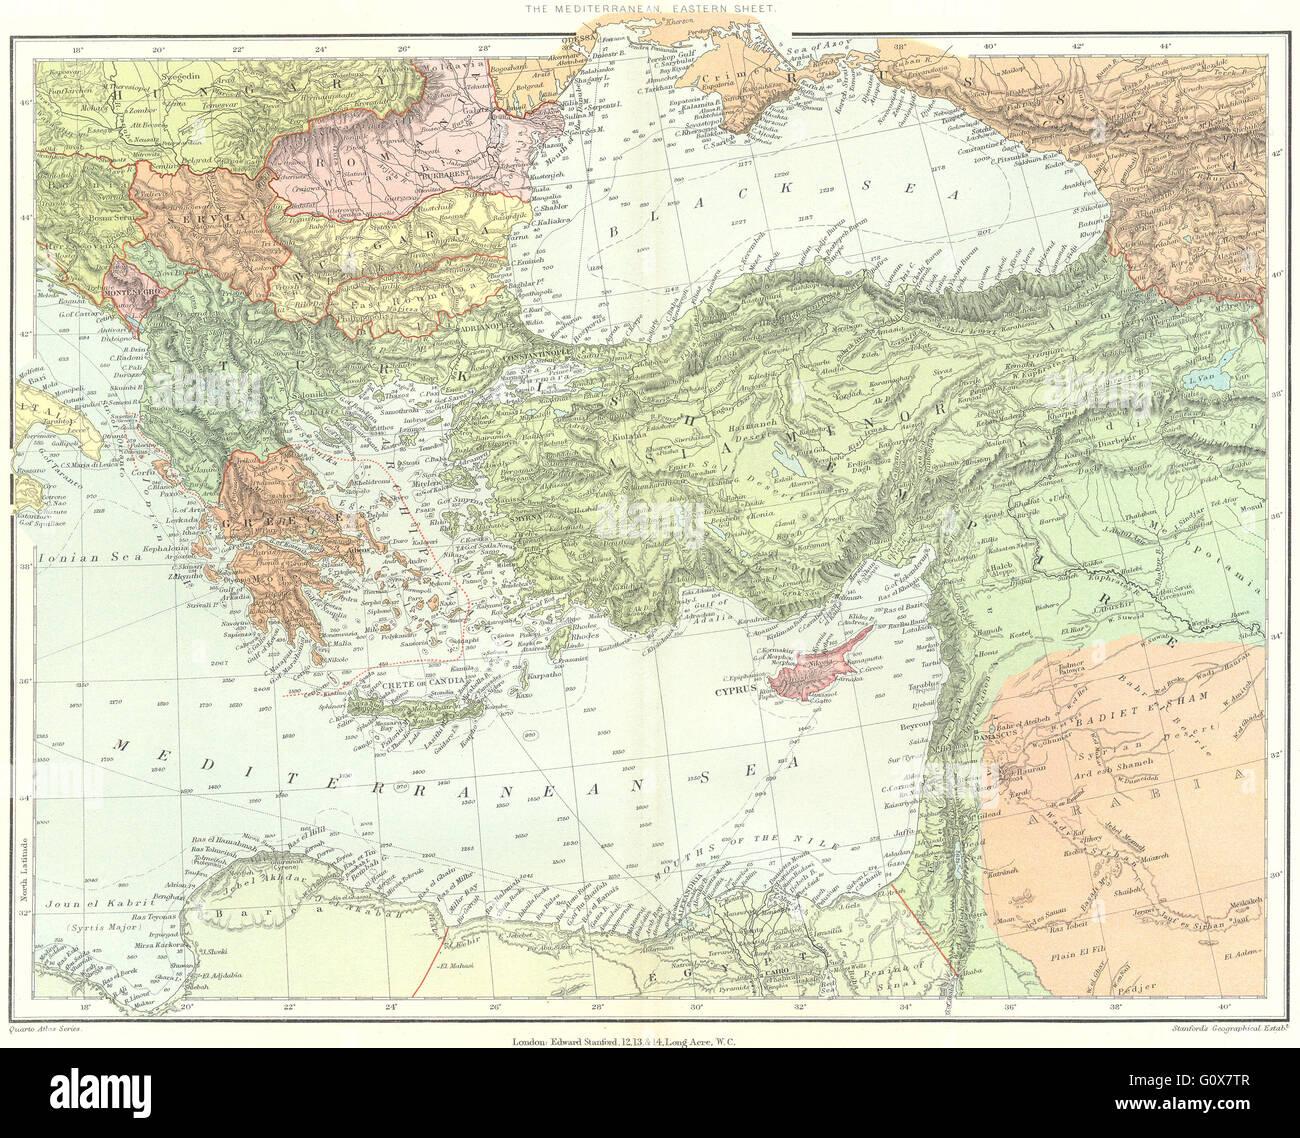 Ostliches Mittelmeer Osmanische Reich Turkei Griechenland